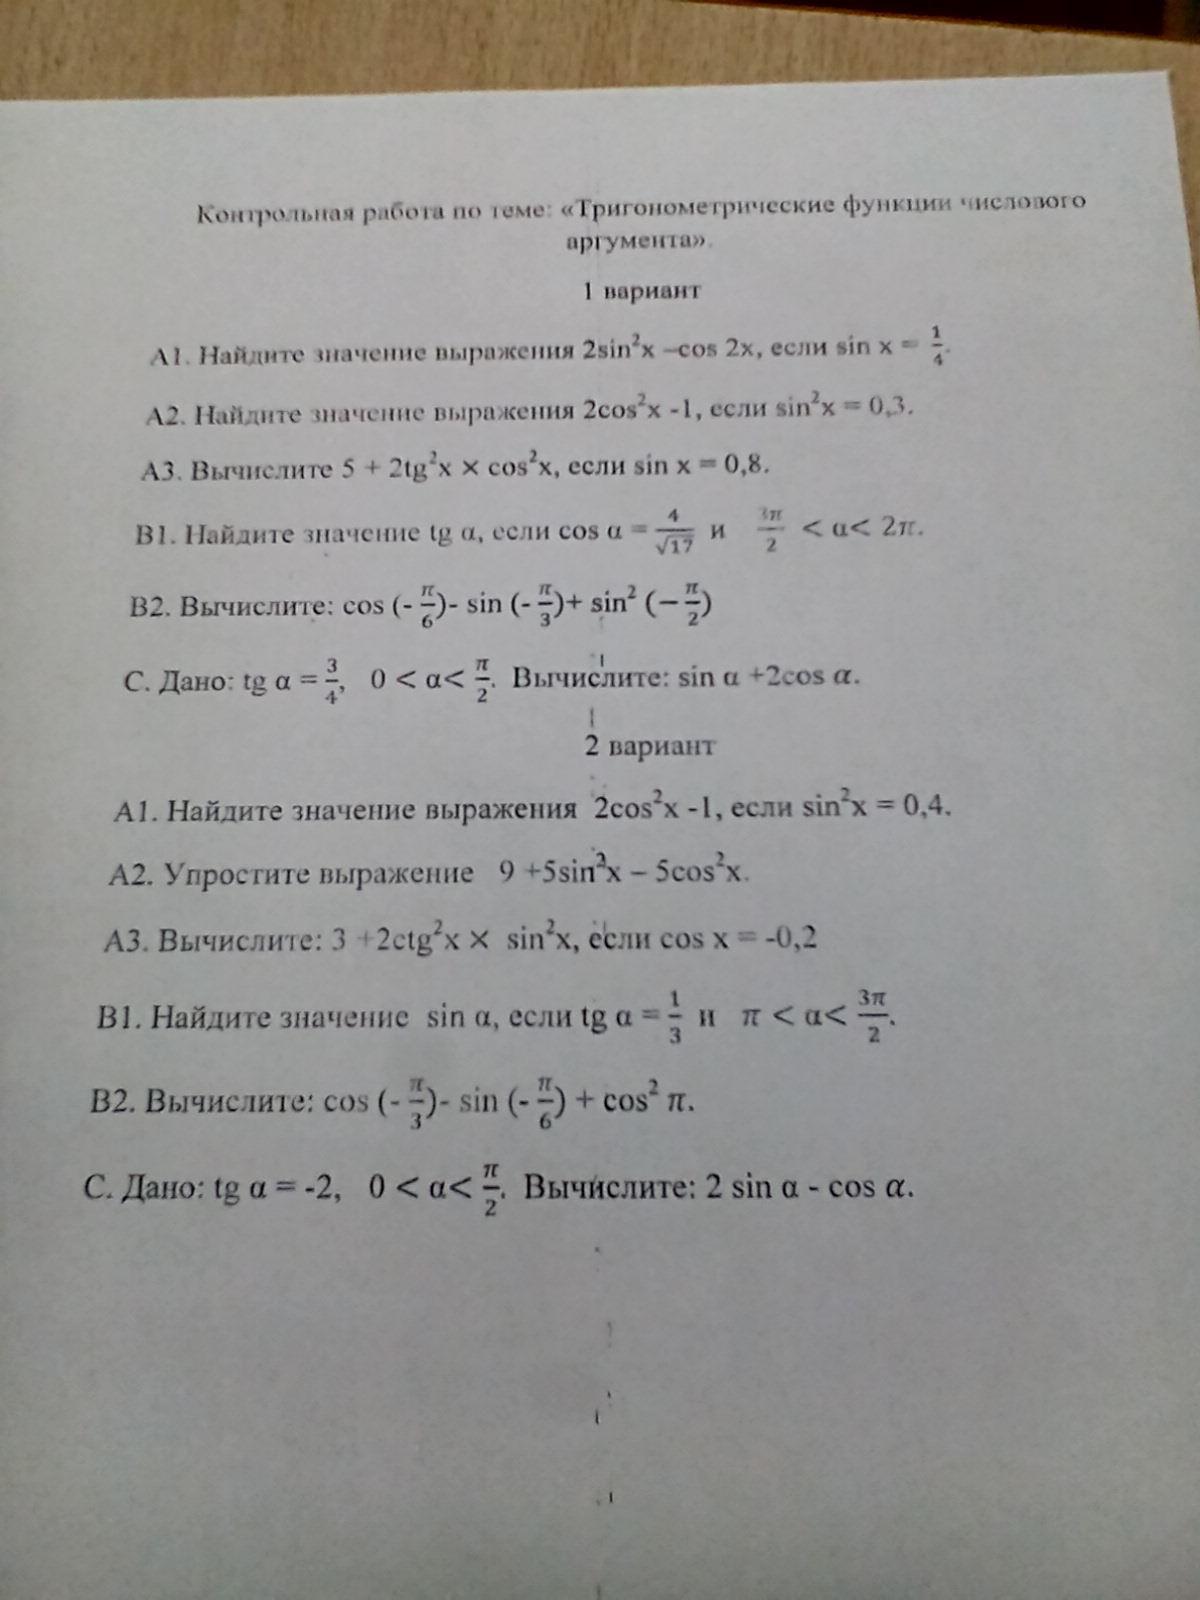 Помогите срочно решить математику нам контрольную работу дали  Загрузить jpg